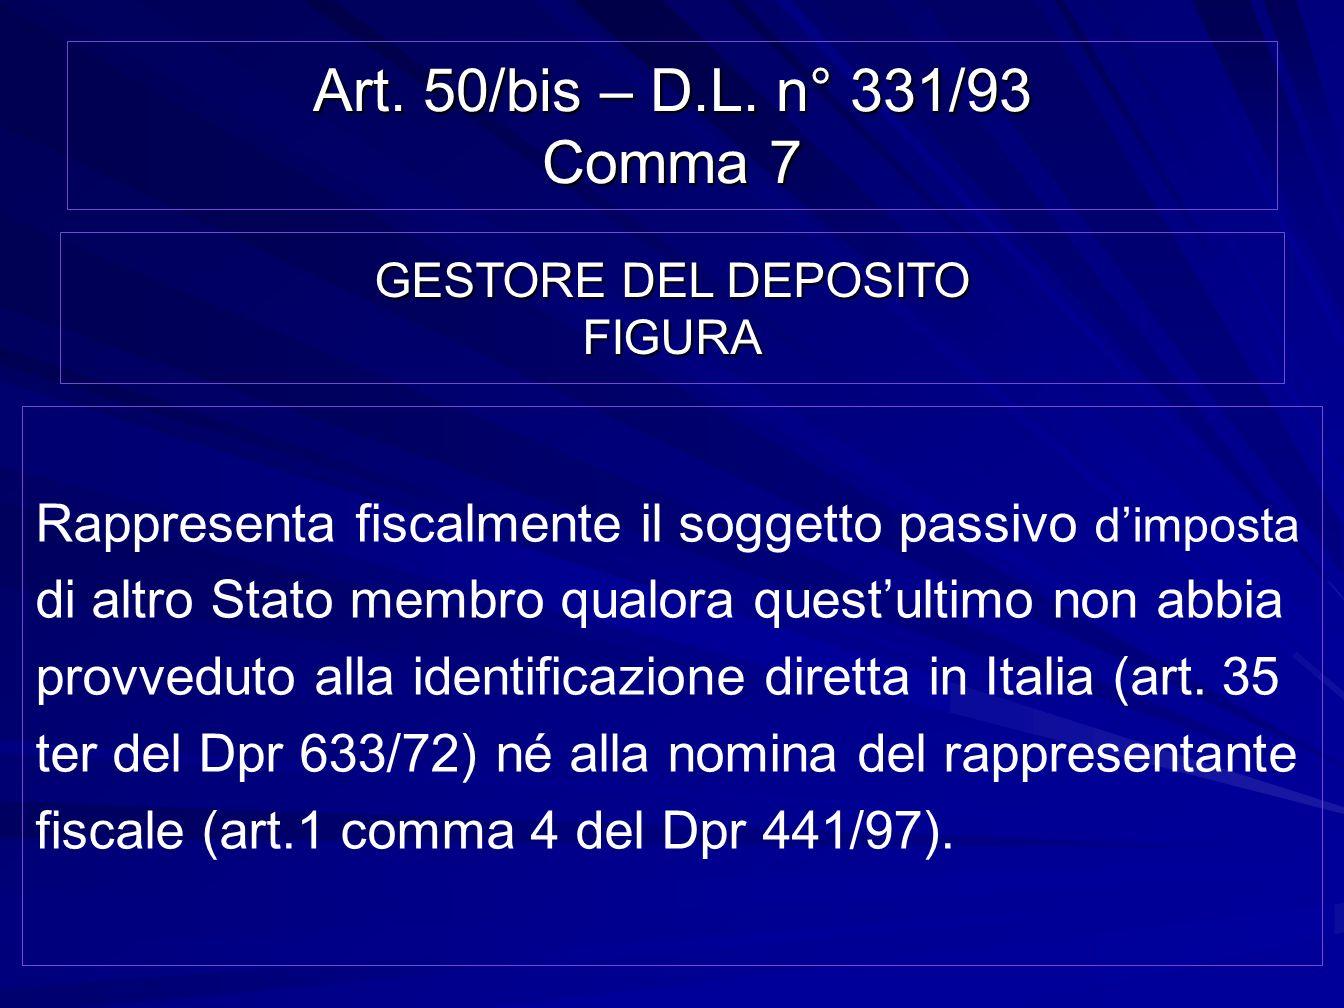 GESTORE DEL DEPOSITO FIGURA